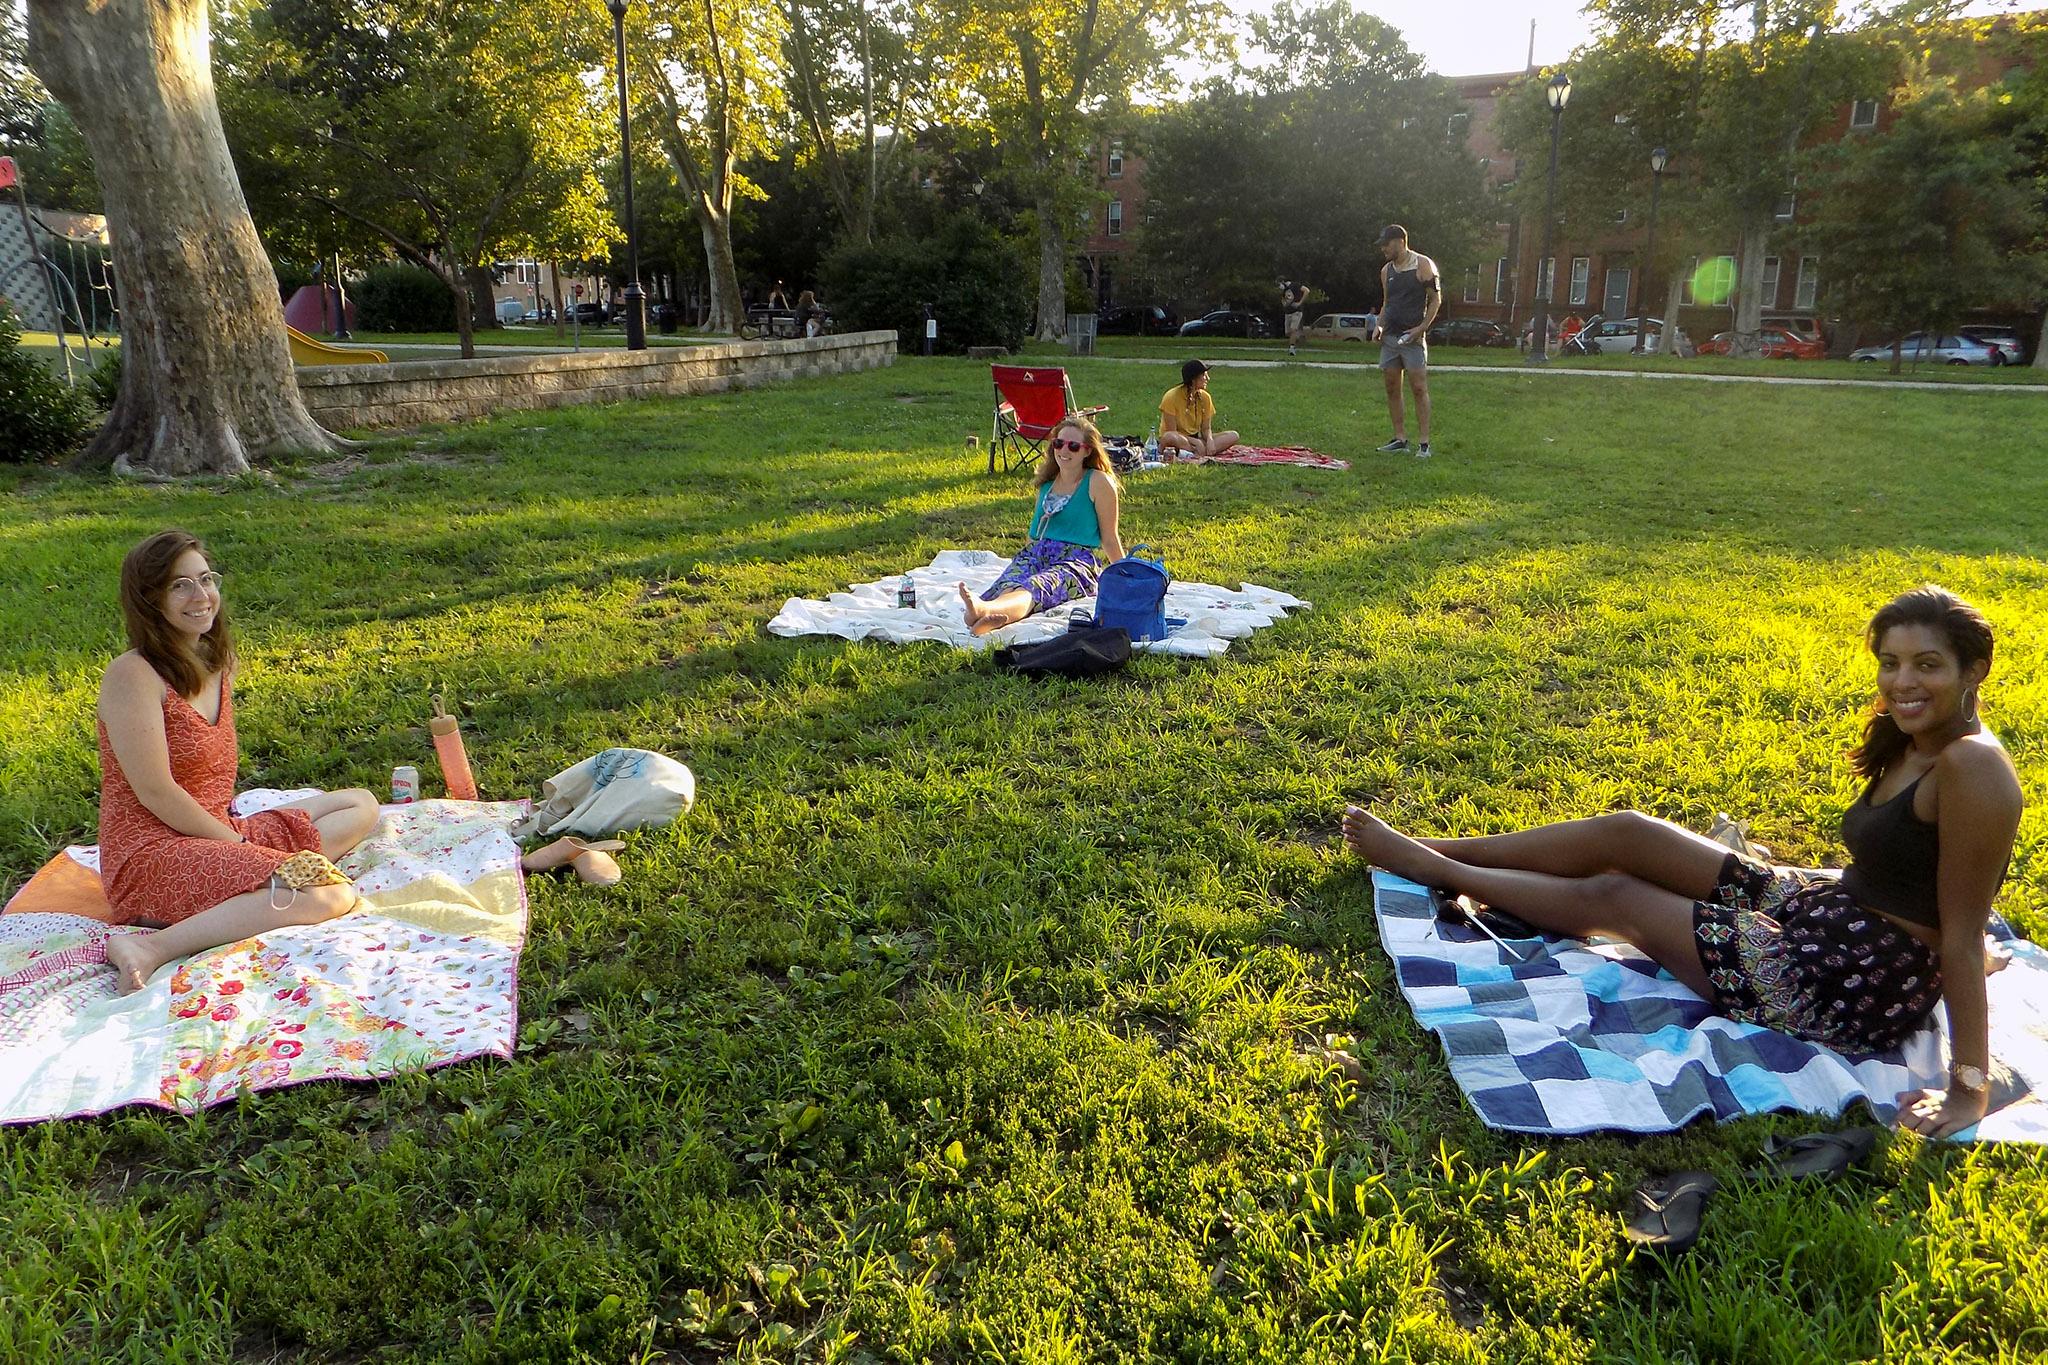 Jessica Stern, Tara Taylor and Vanessa Watson hang out at a local park